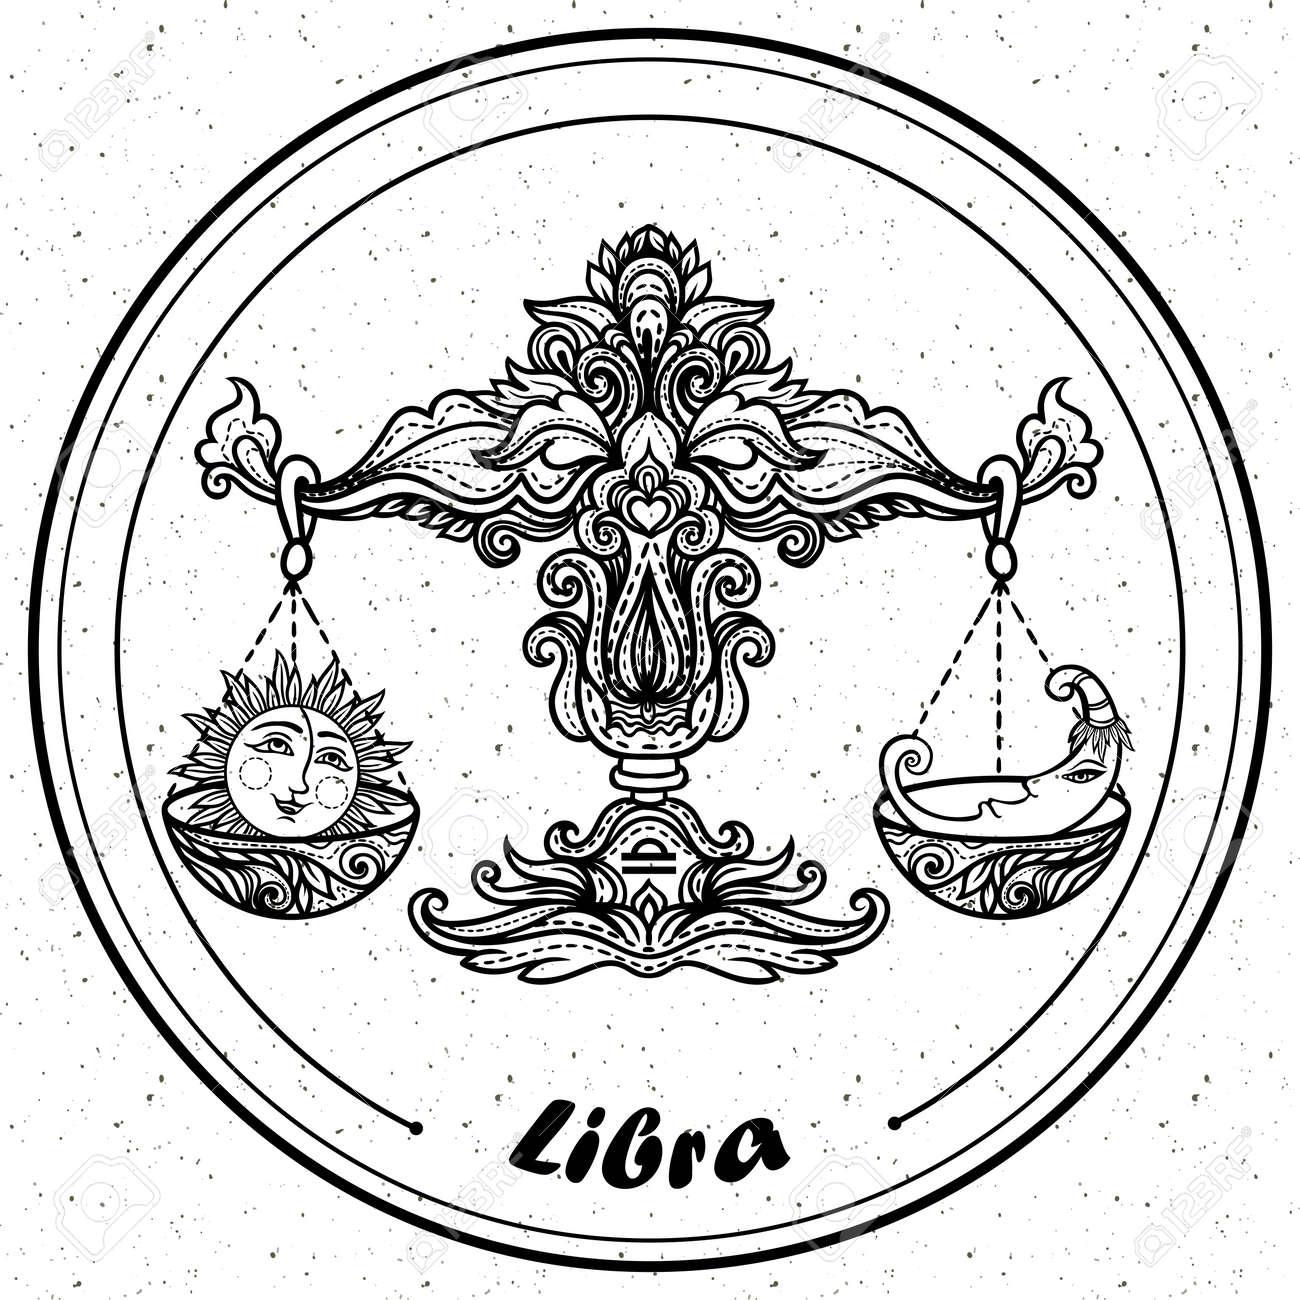 Detalla Libra En Línea Estilo Del Arte De Filigrana Azteca Tatuaje